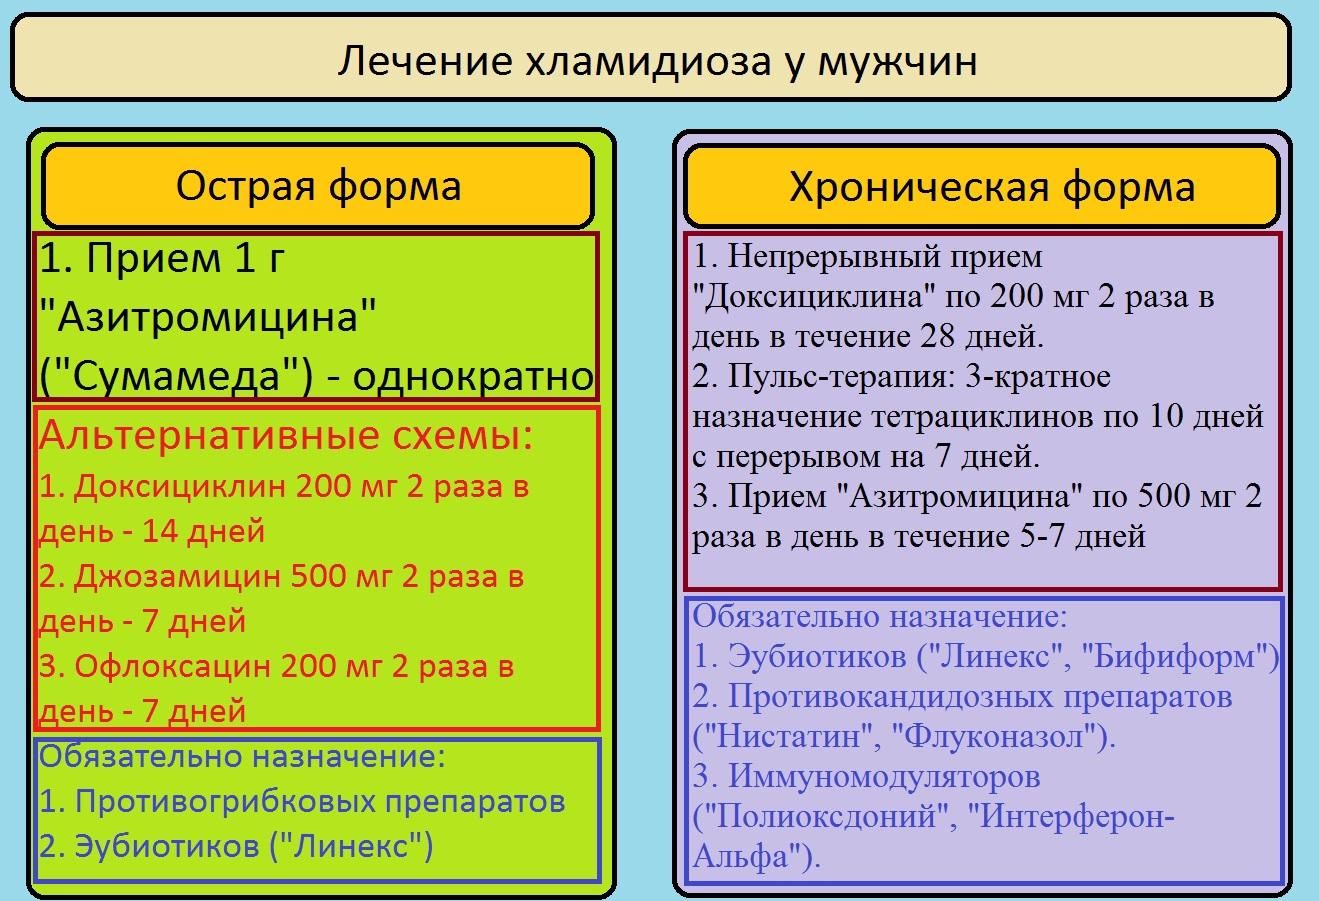 Схема лечения мужчин